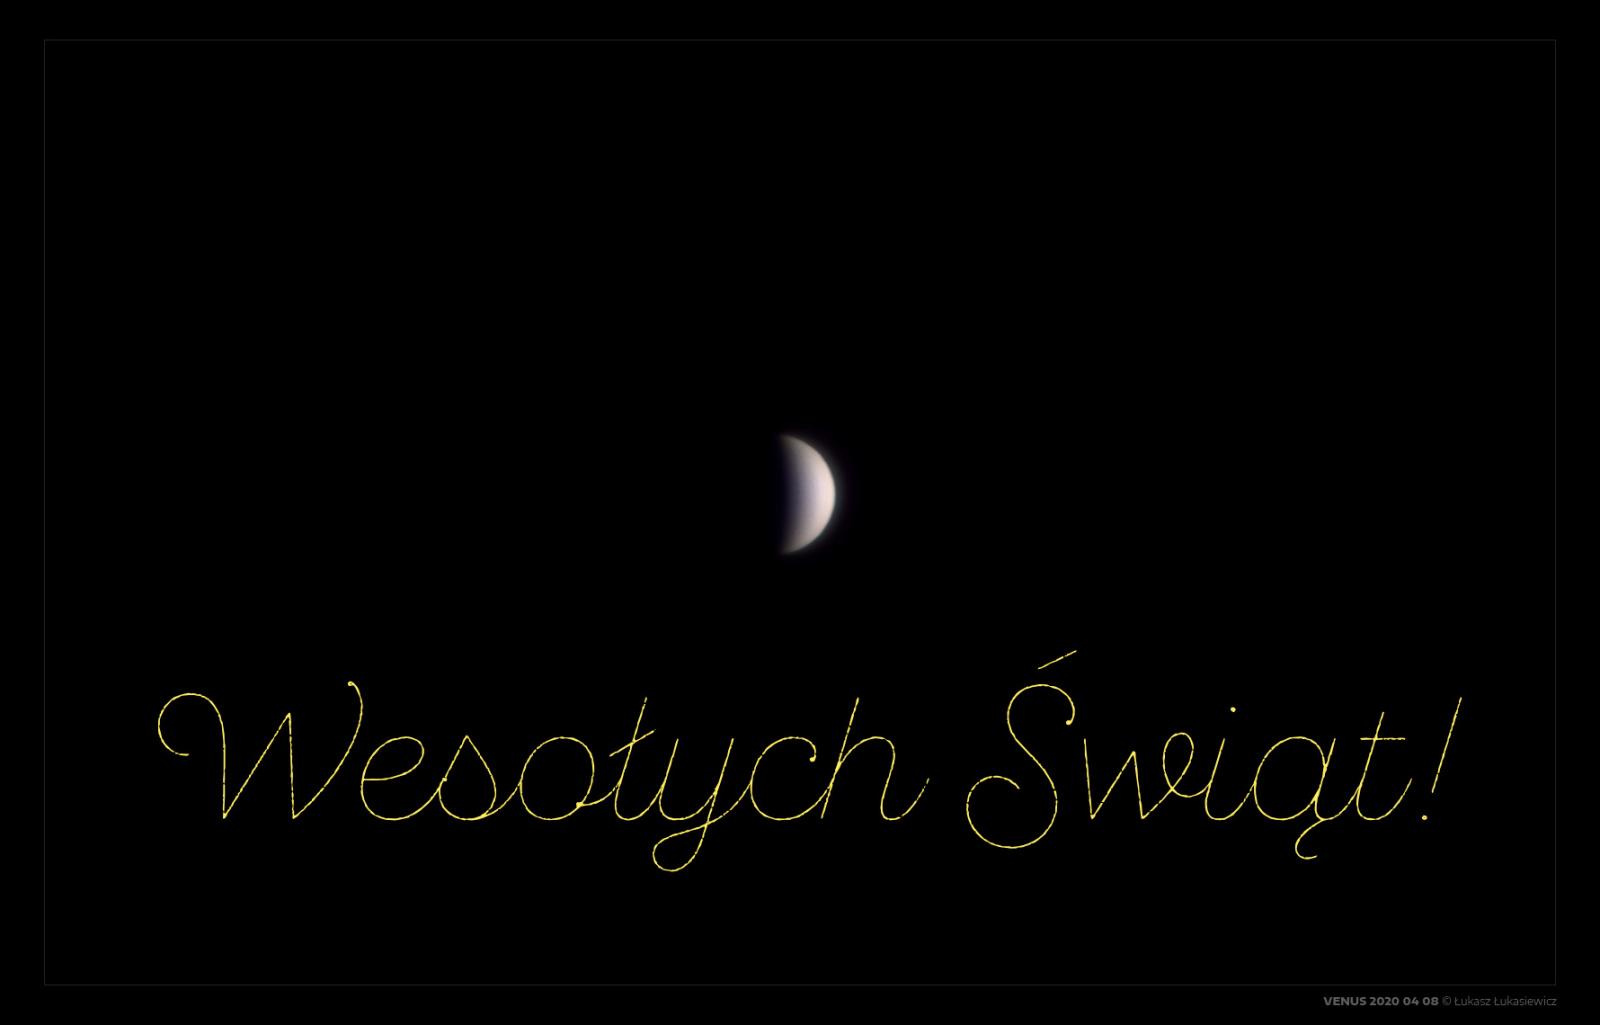 VENUS-2020-04-08s1.png.jpg